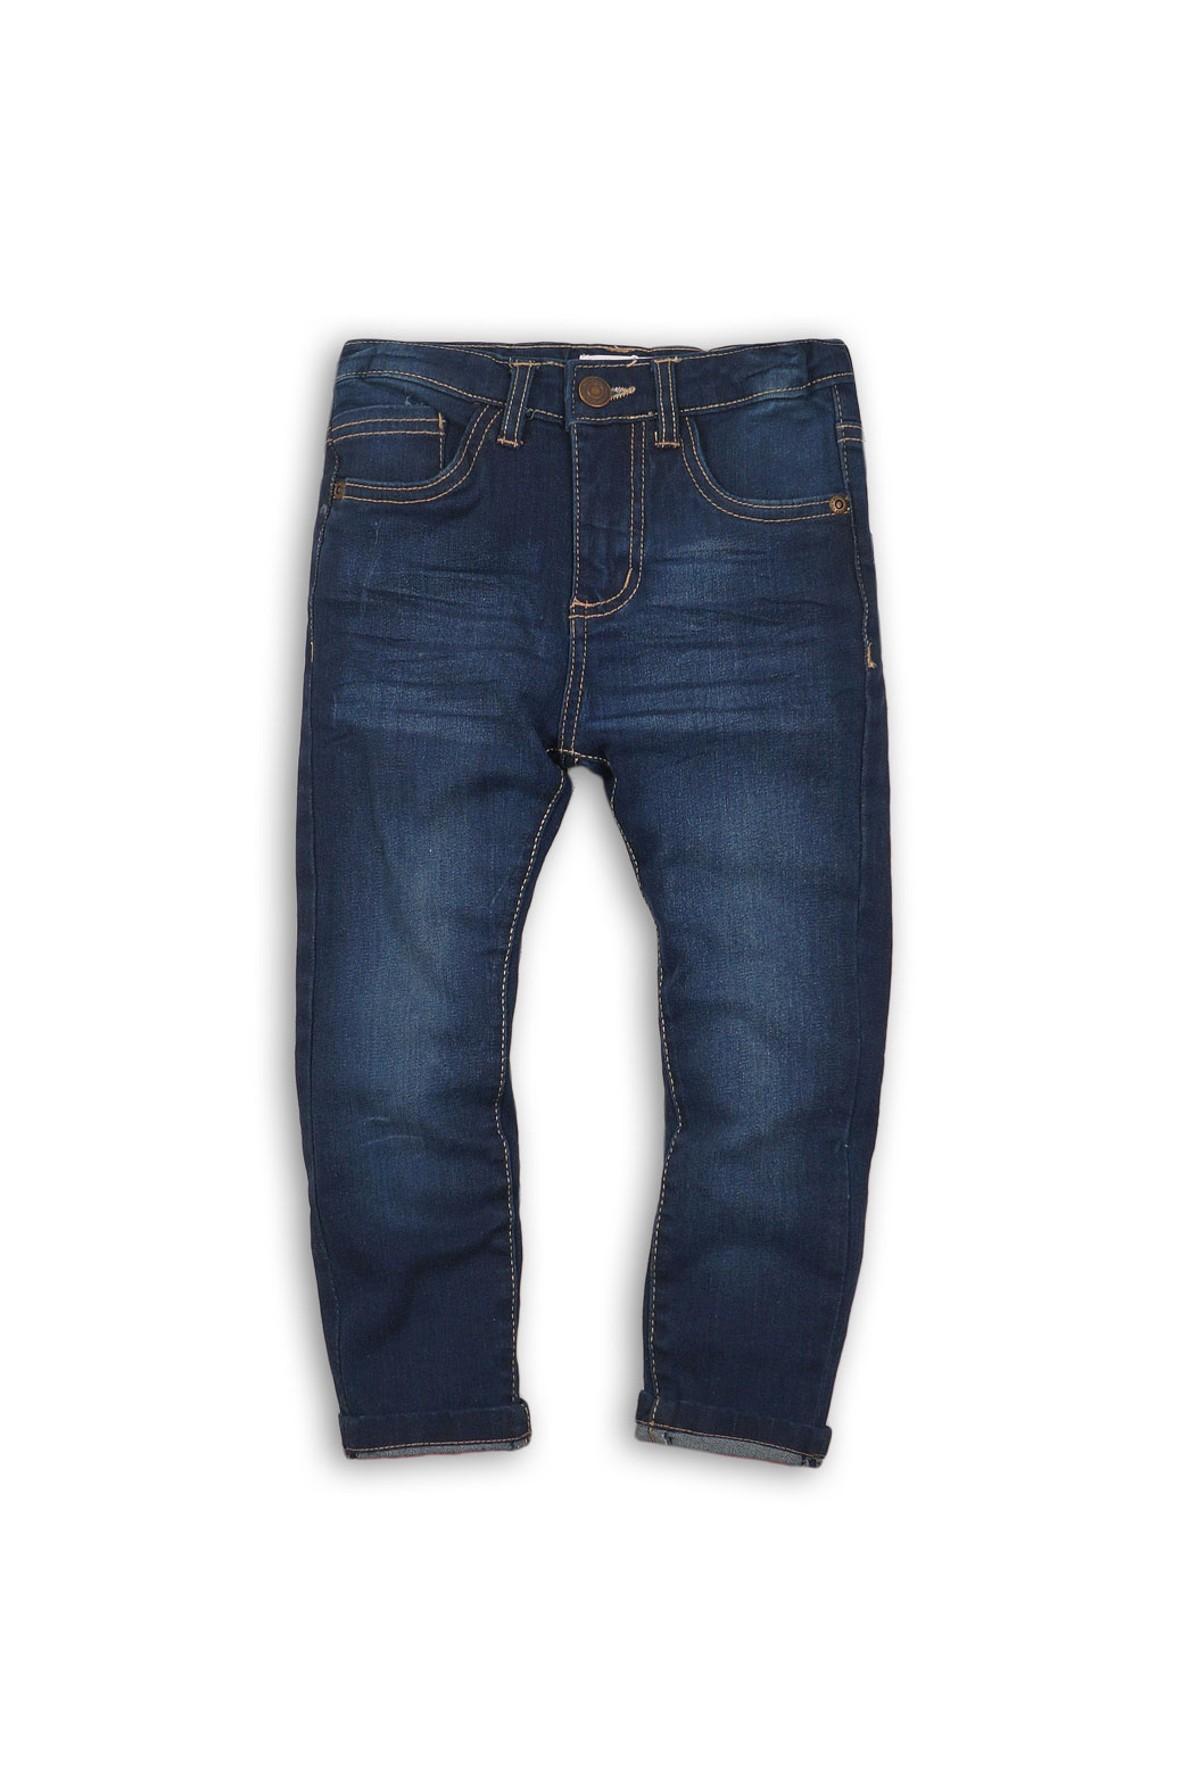 Spodnie chłopięce jeansowe 2L33A3